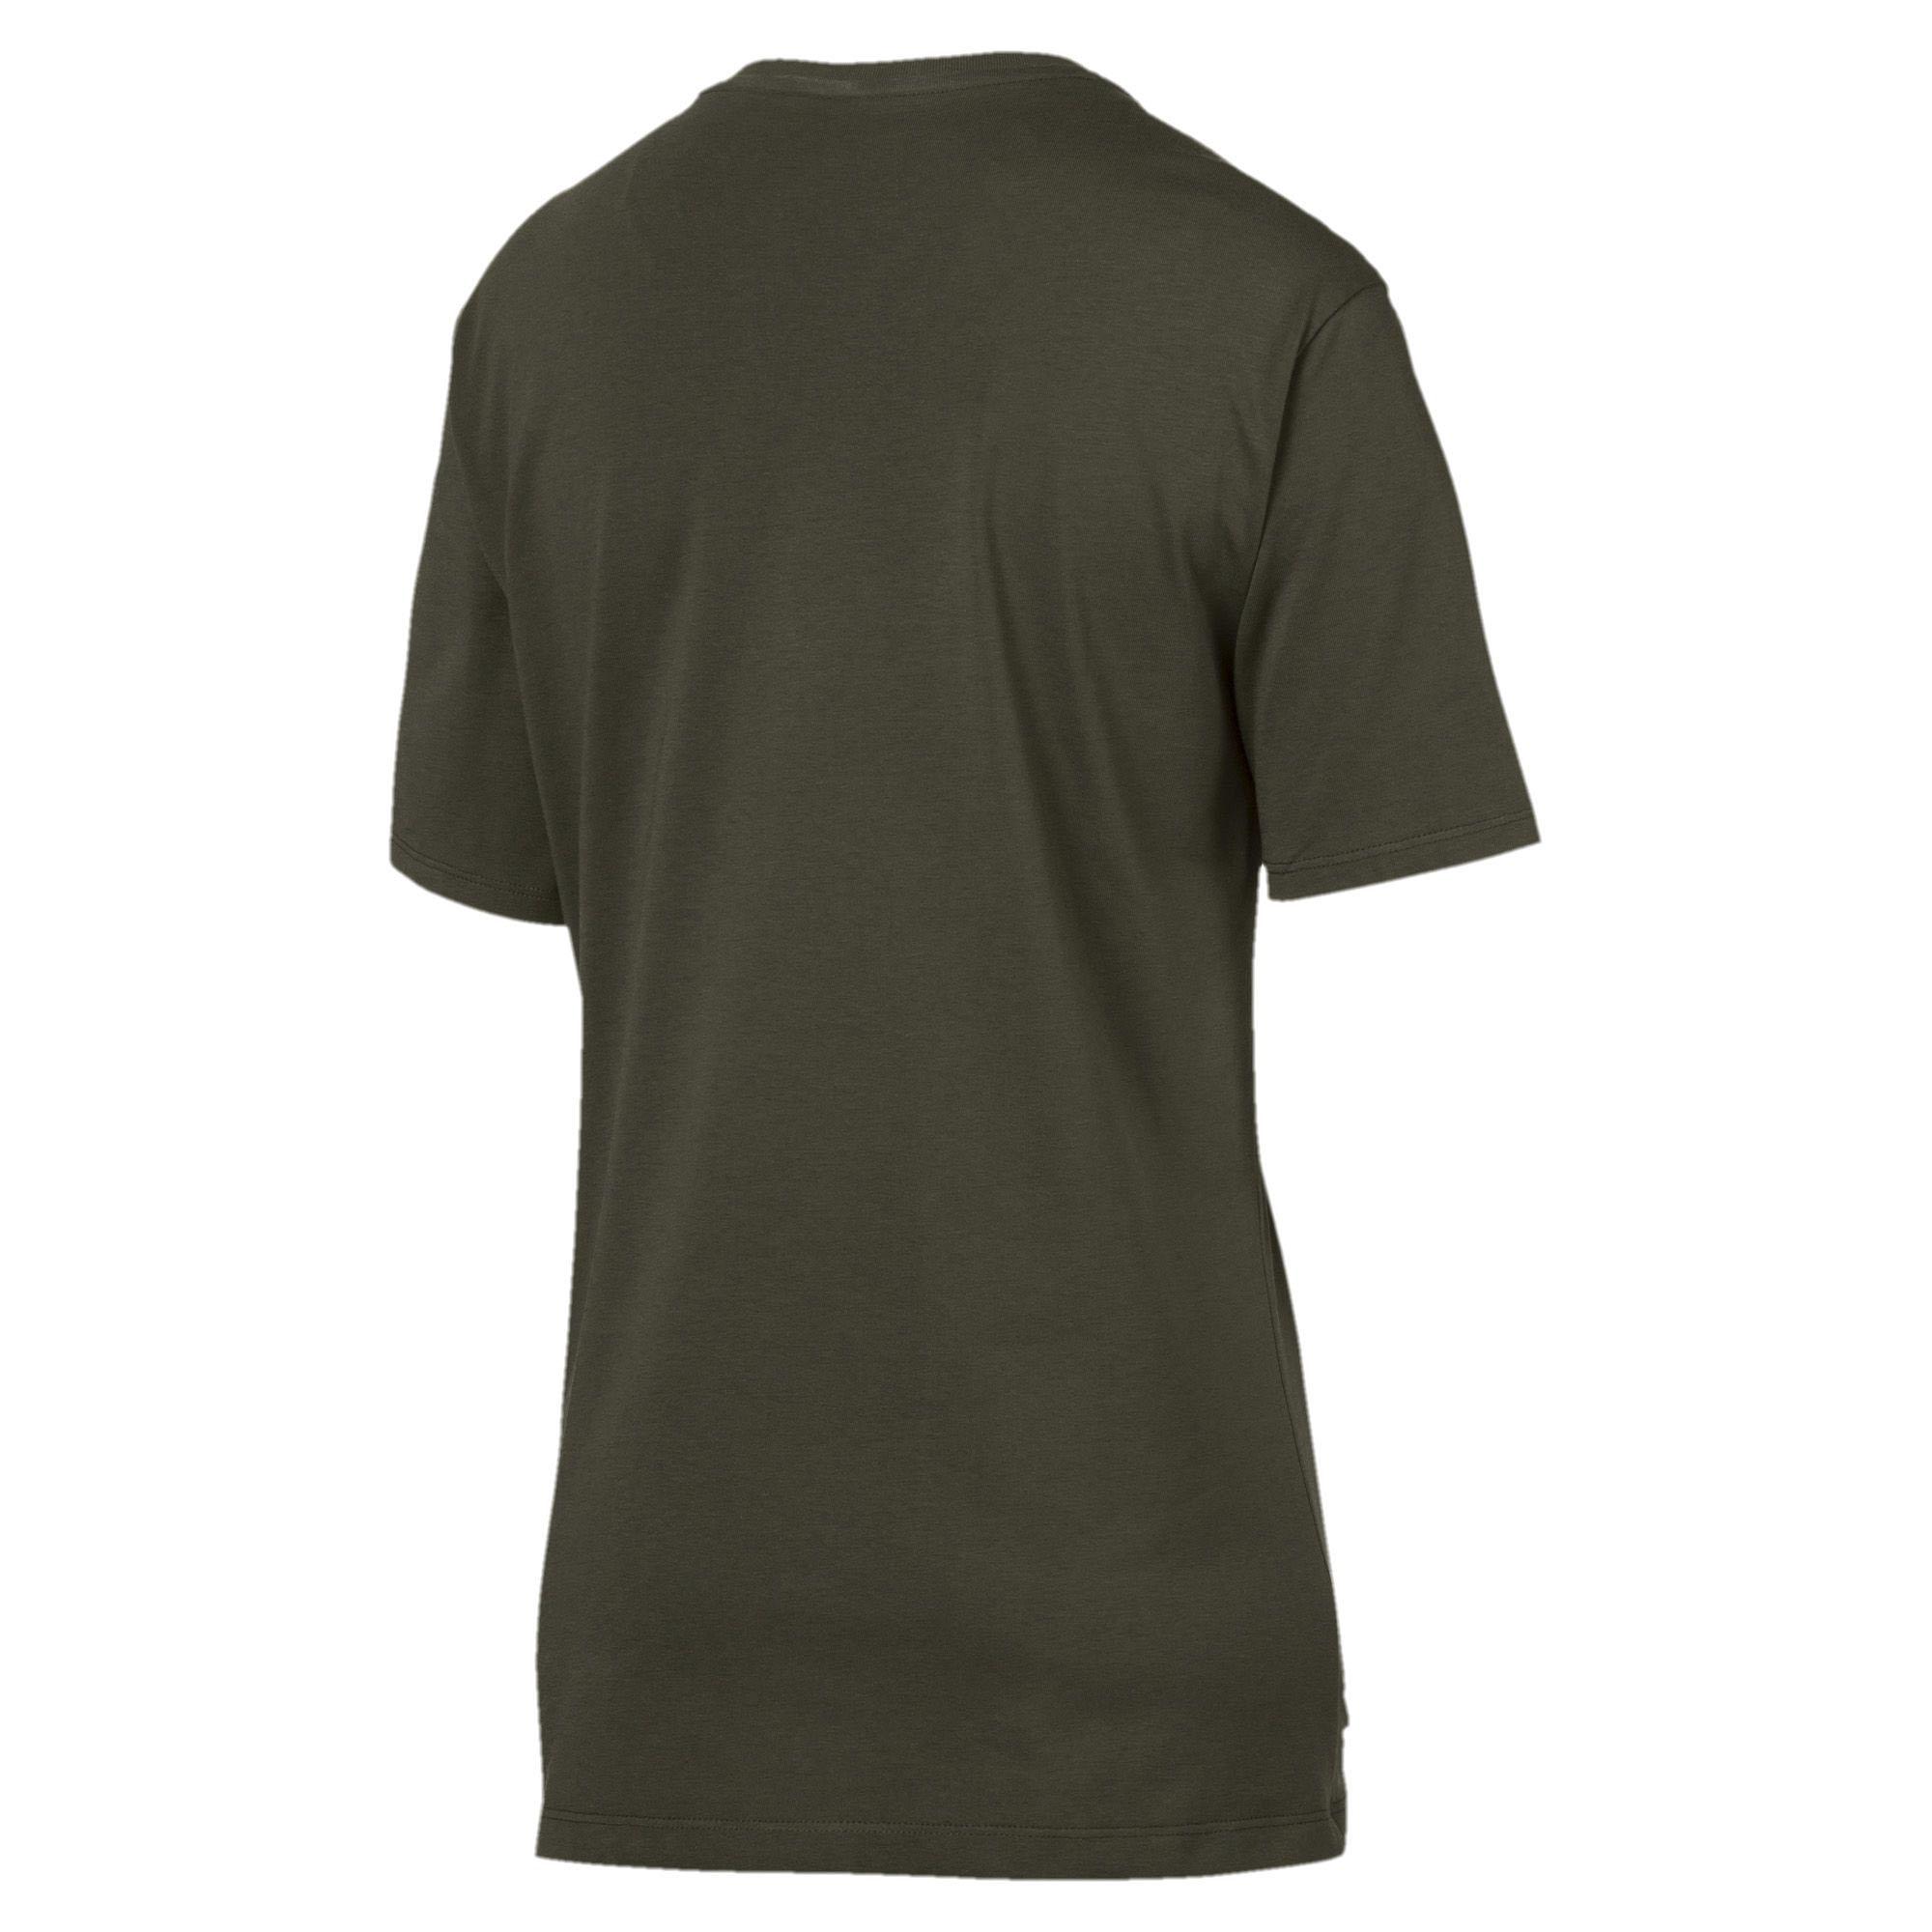 Puma Essential Logo Womens Ladies Sports Fashion Boyfriend T-shirt Tee Women's Clothing Sporting Goods